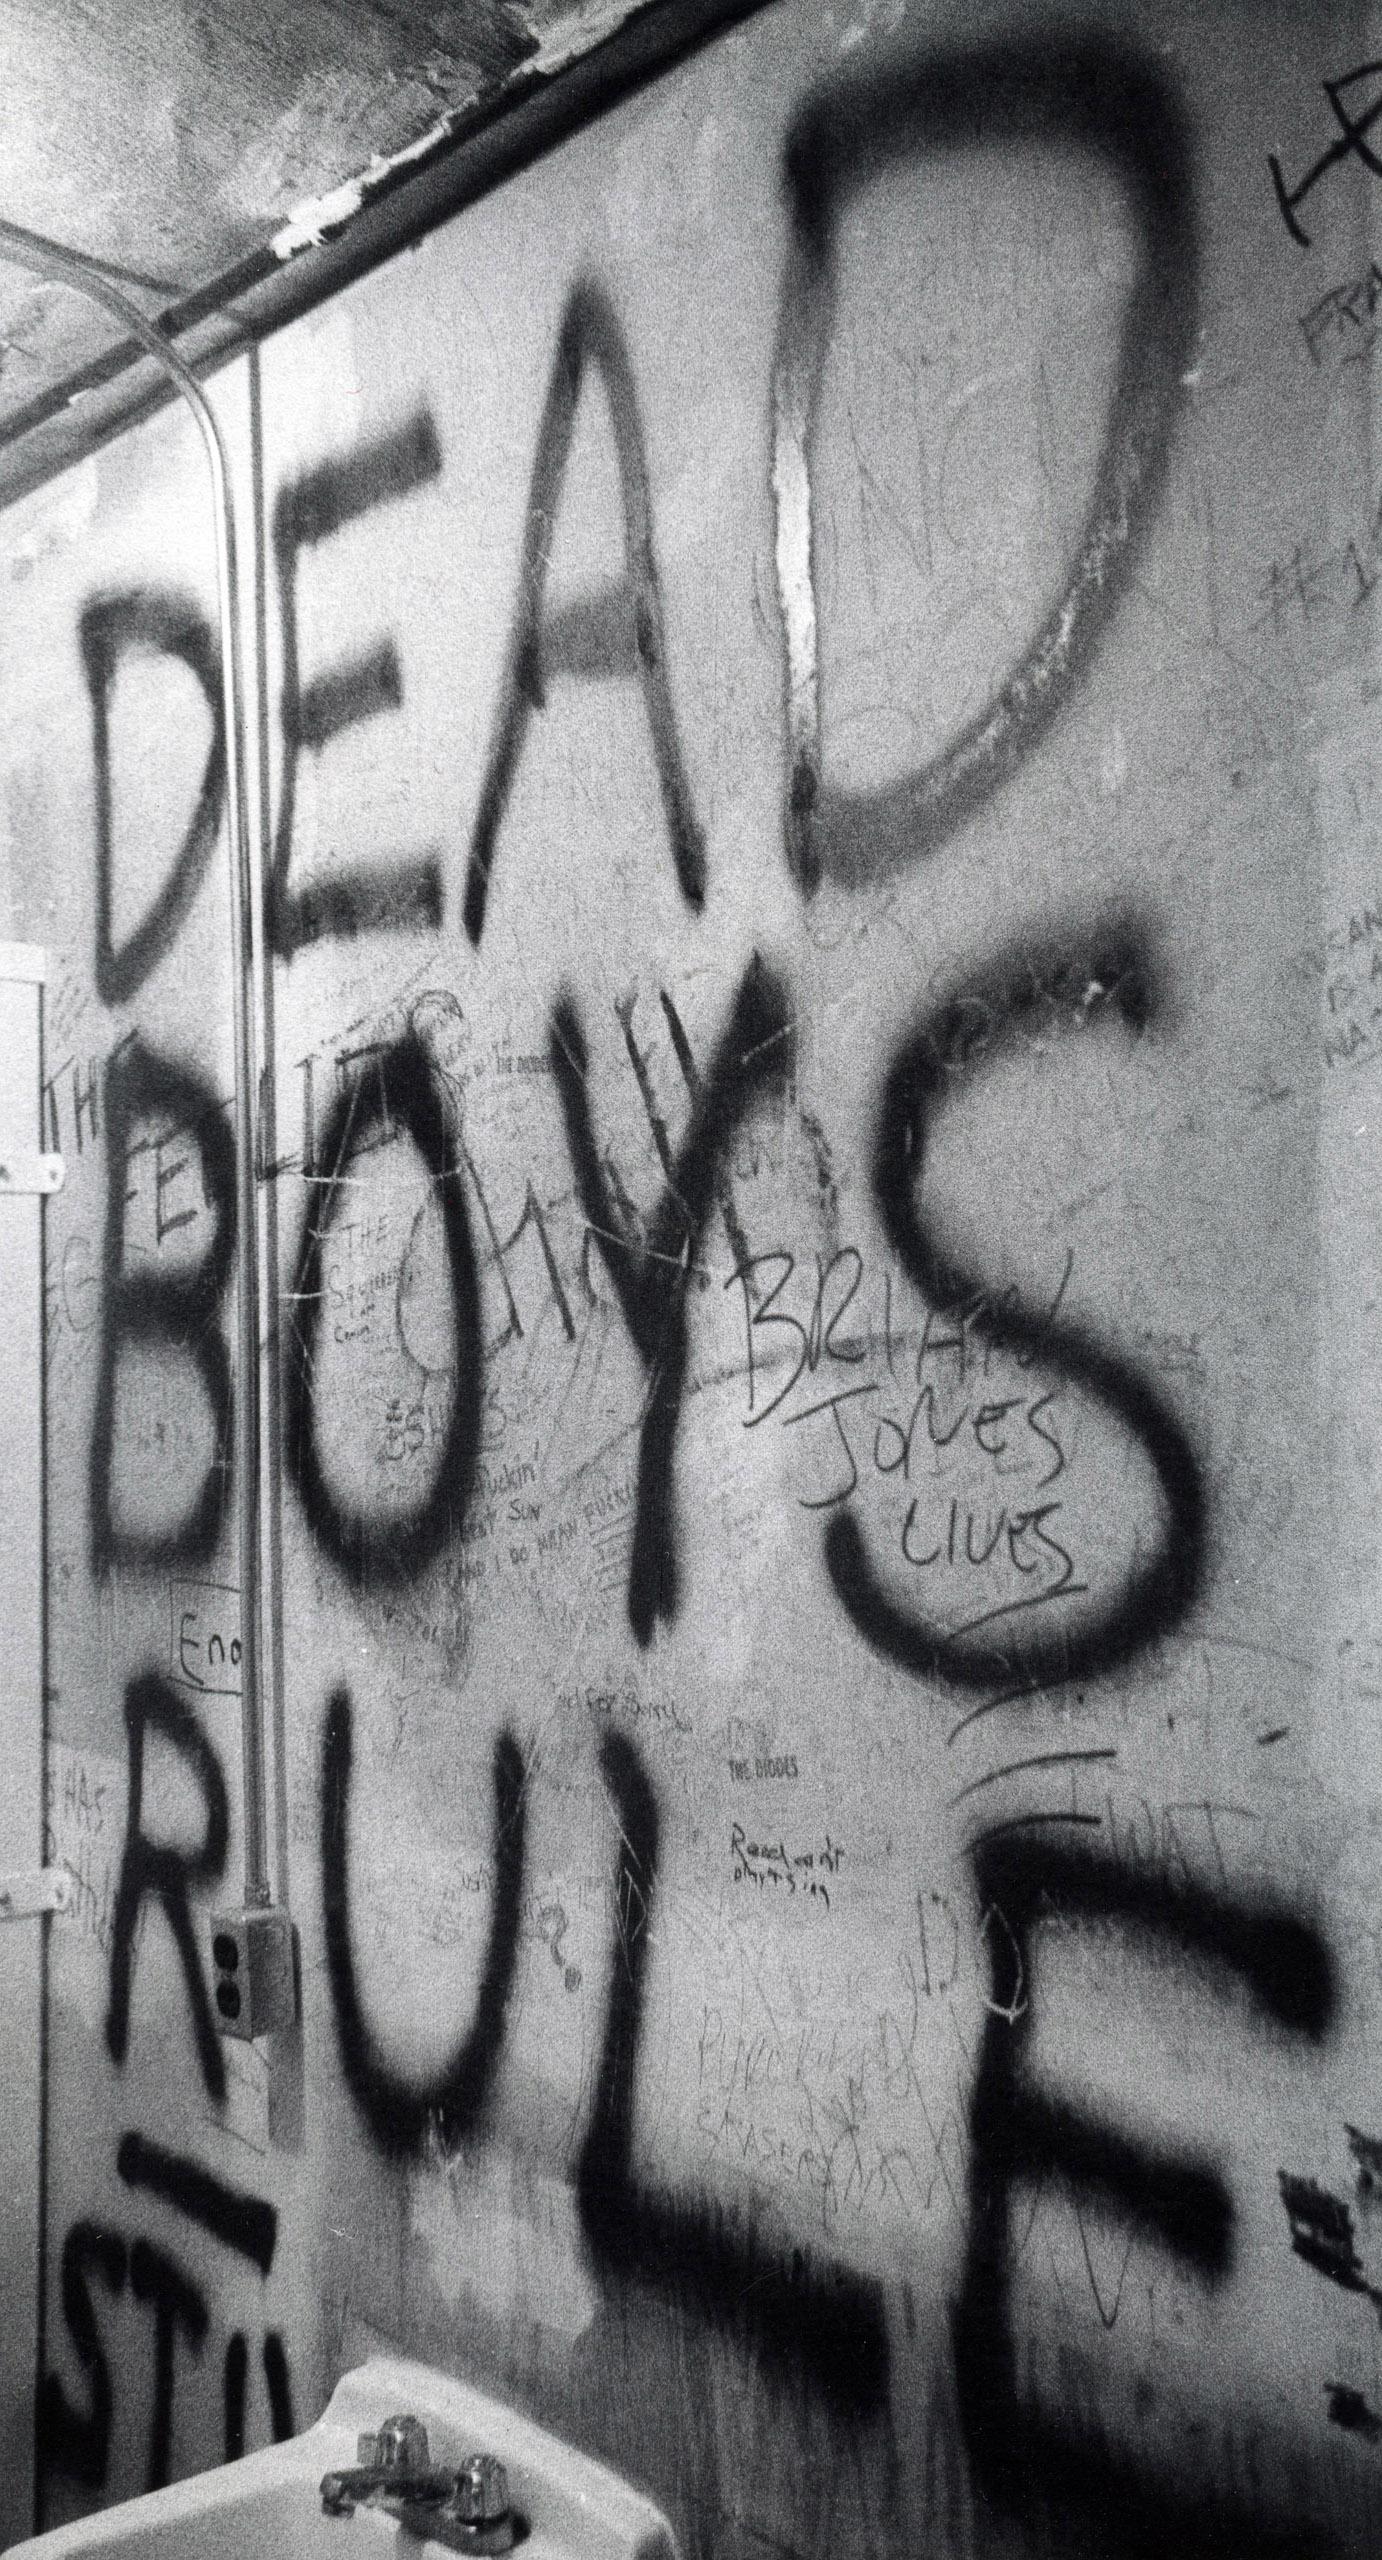 CBGB bathroom, 1977.